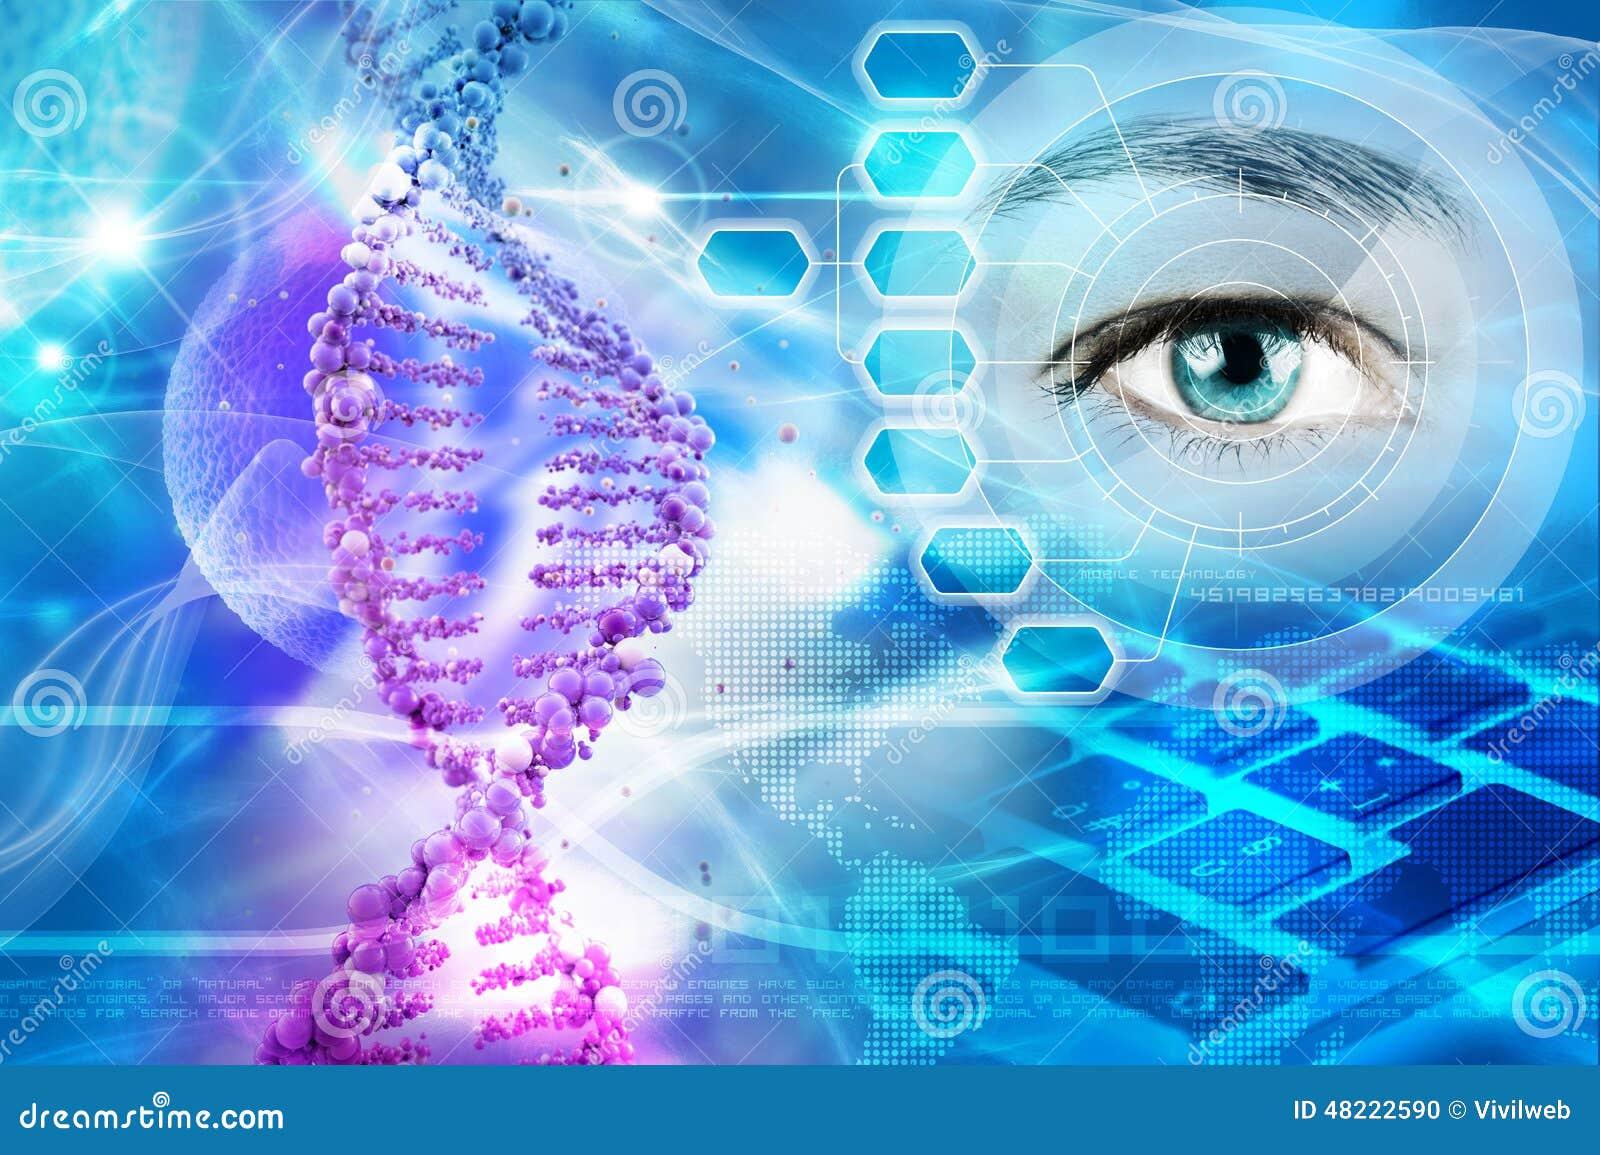 Генетика фото